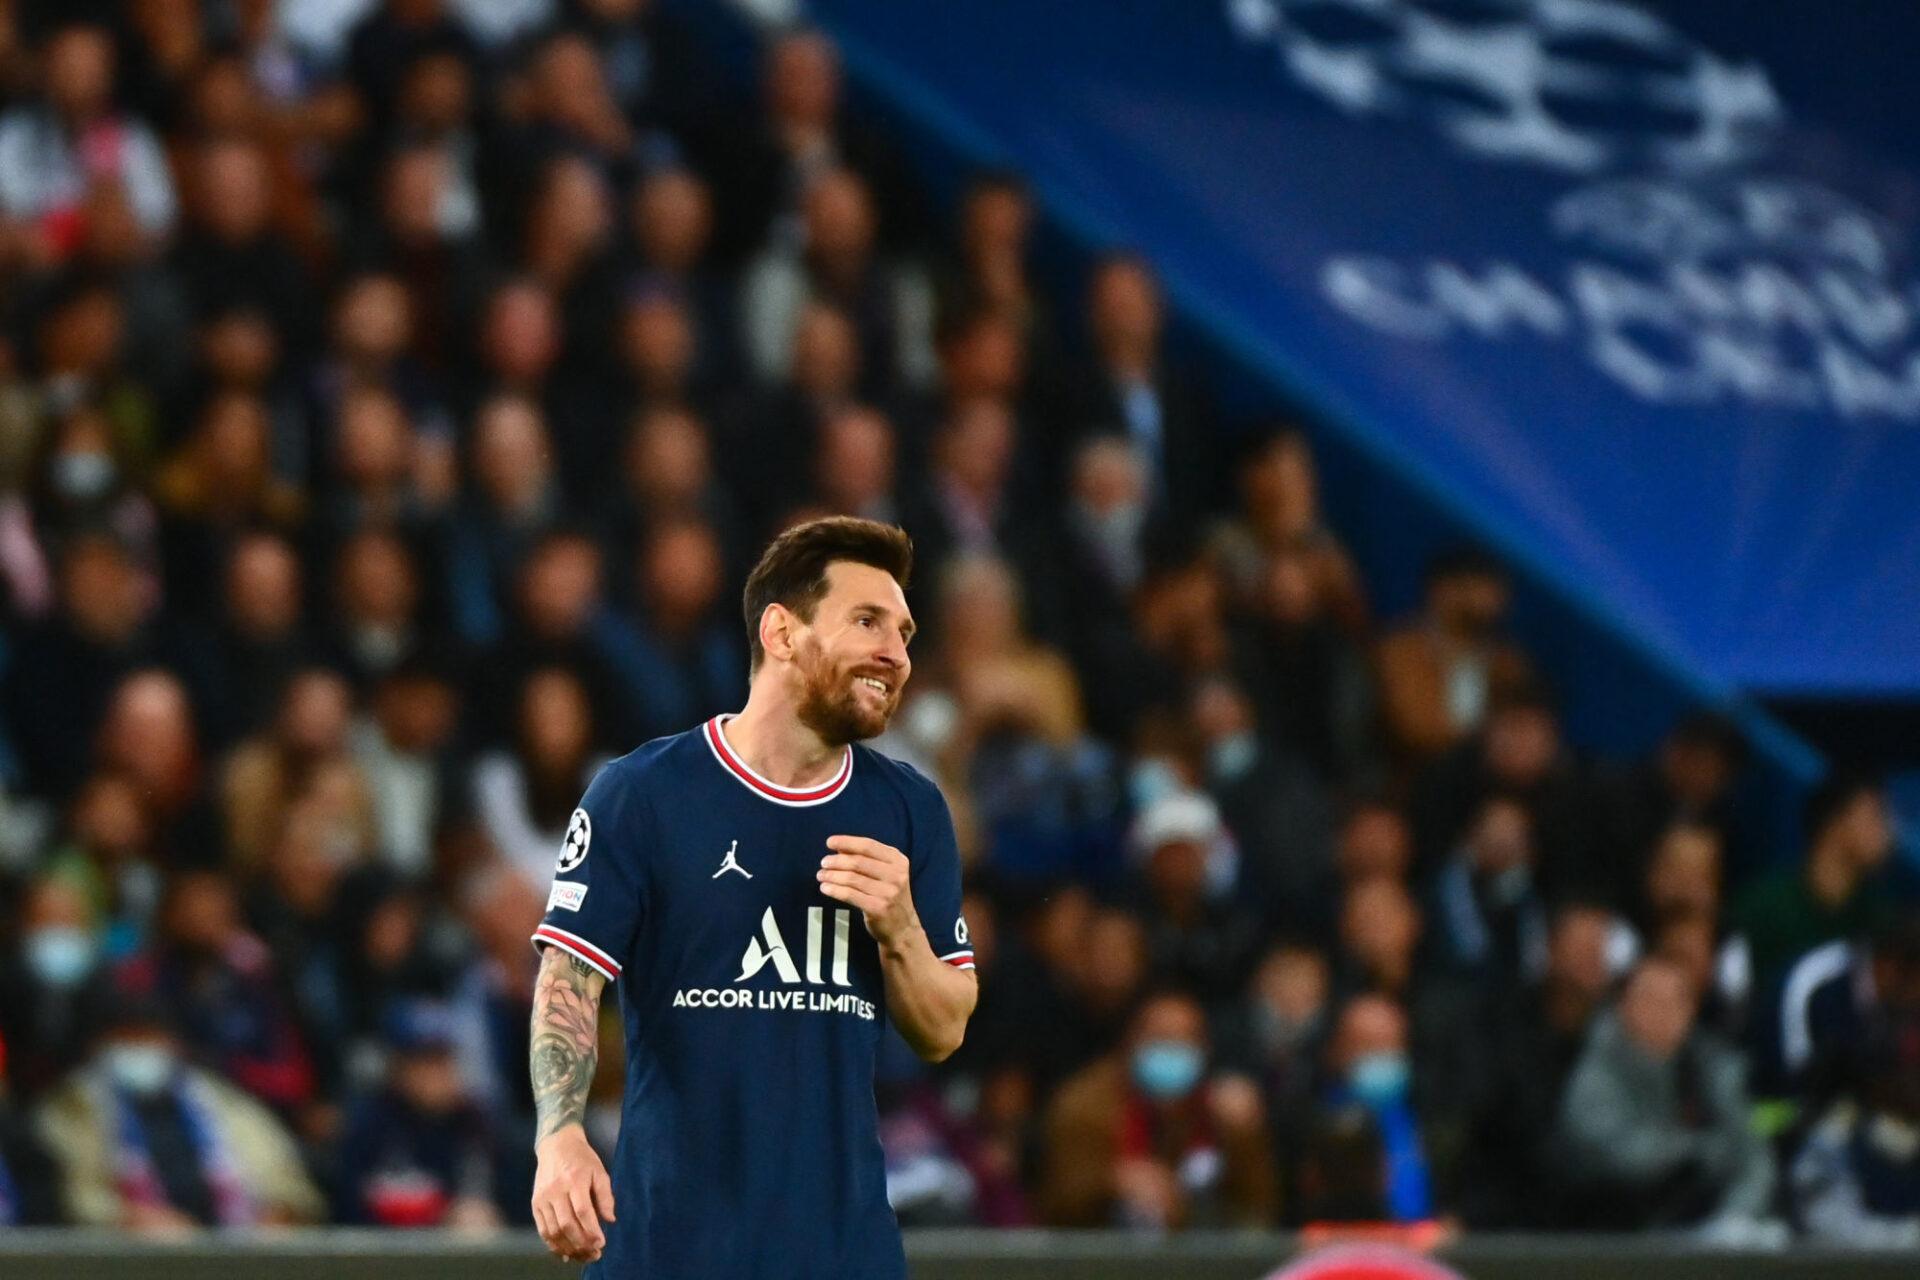 Lionel Messi est passé de joueur espérant finir sa carrière au Barça à joueur du PSG en quelques jours. Icon Sport